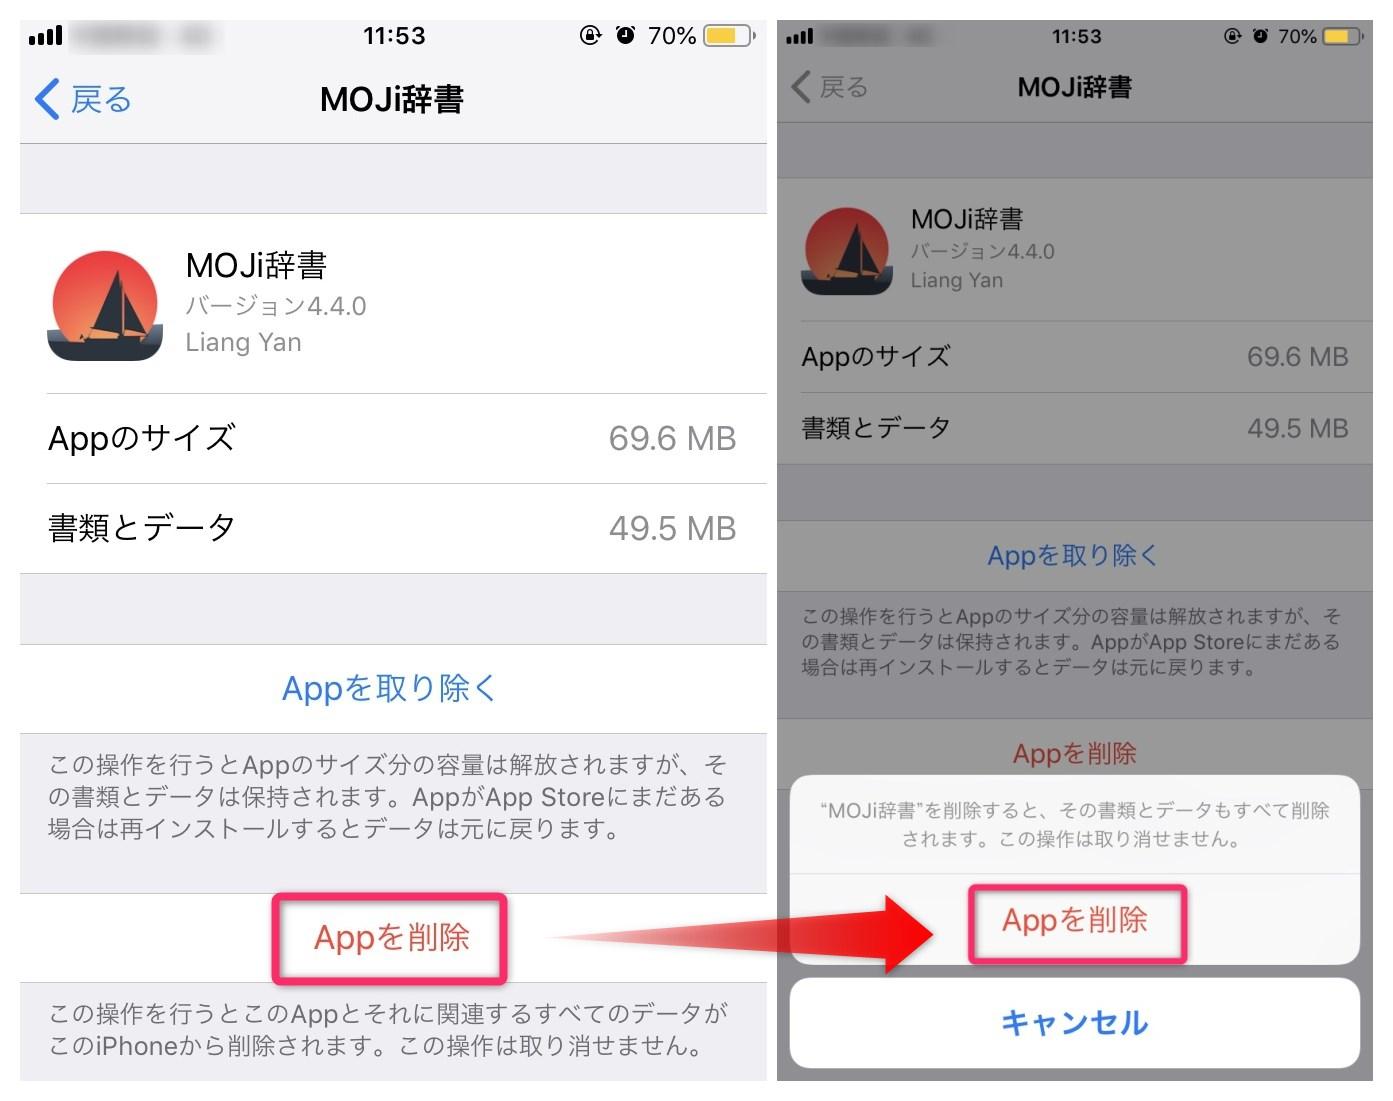 簡単-消えないiPhoneアプリをホーム画面から消す方法